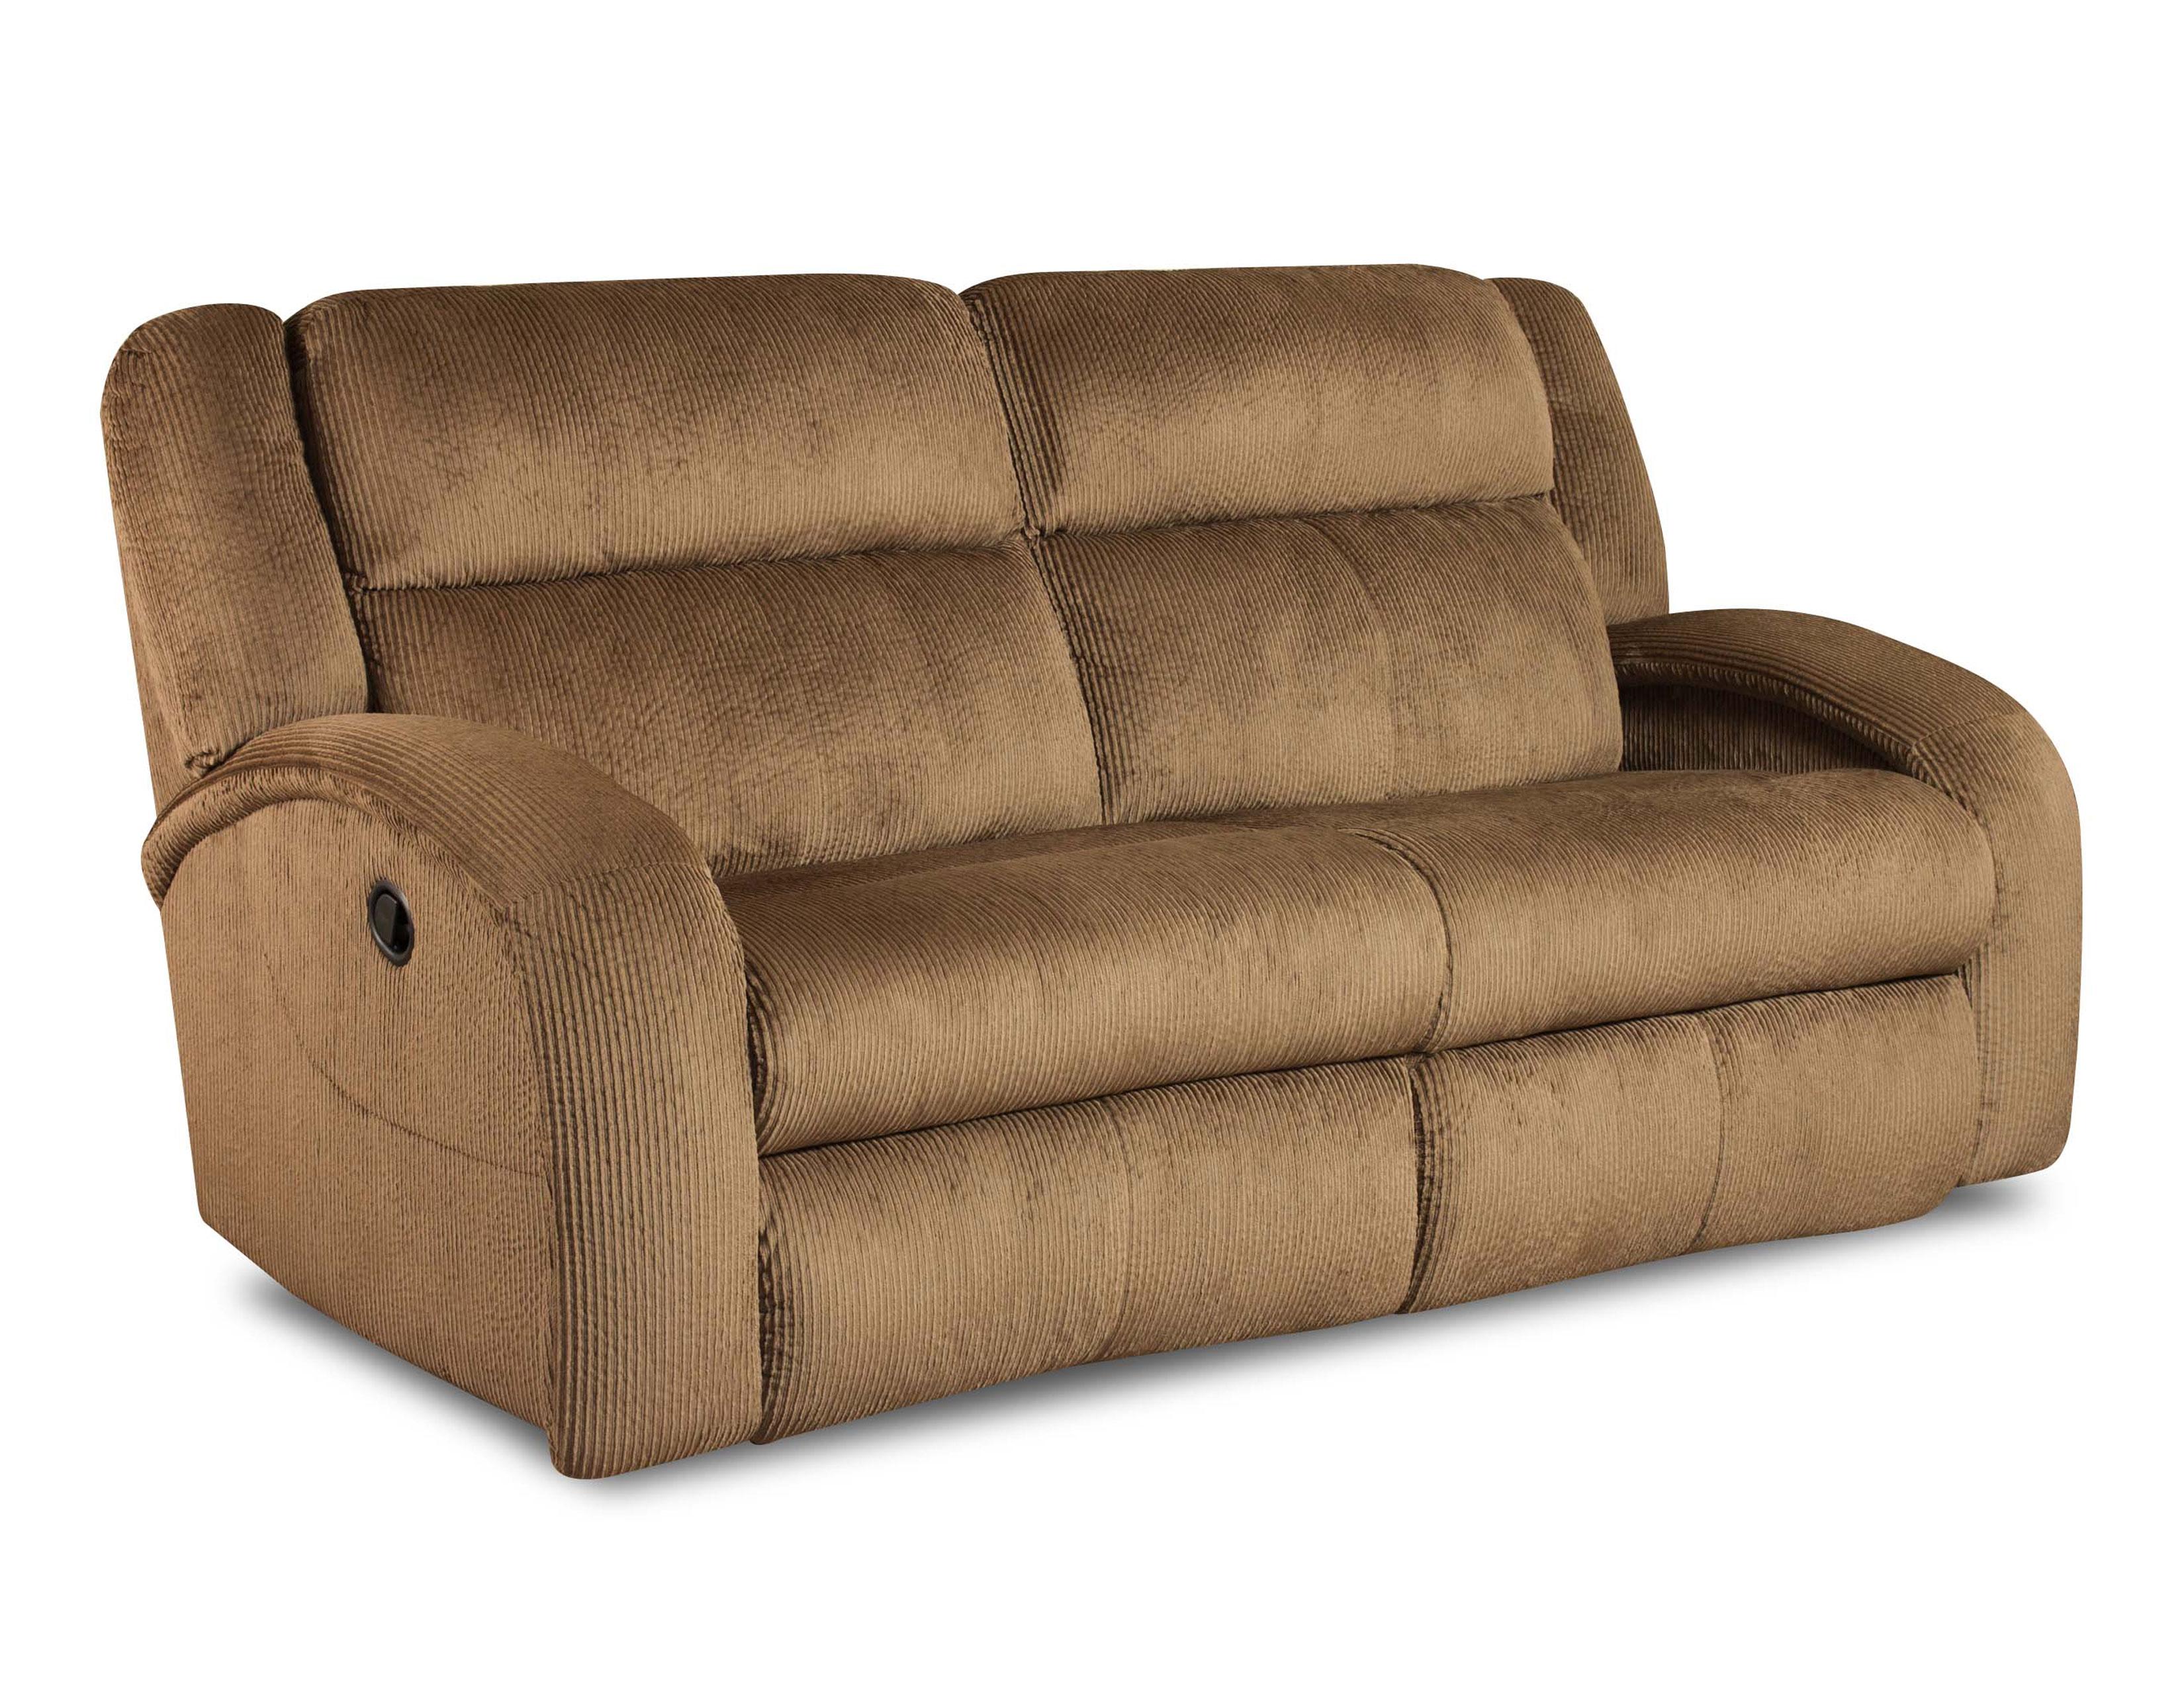 Astounding Maverick 550 Dual Two Seat Reclining Sofa Sofas And Inzonedesignstudio Interior Chair Design Inzonedesignstudiocom